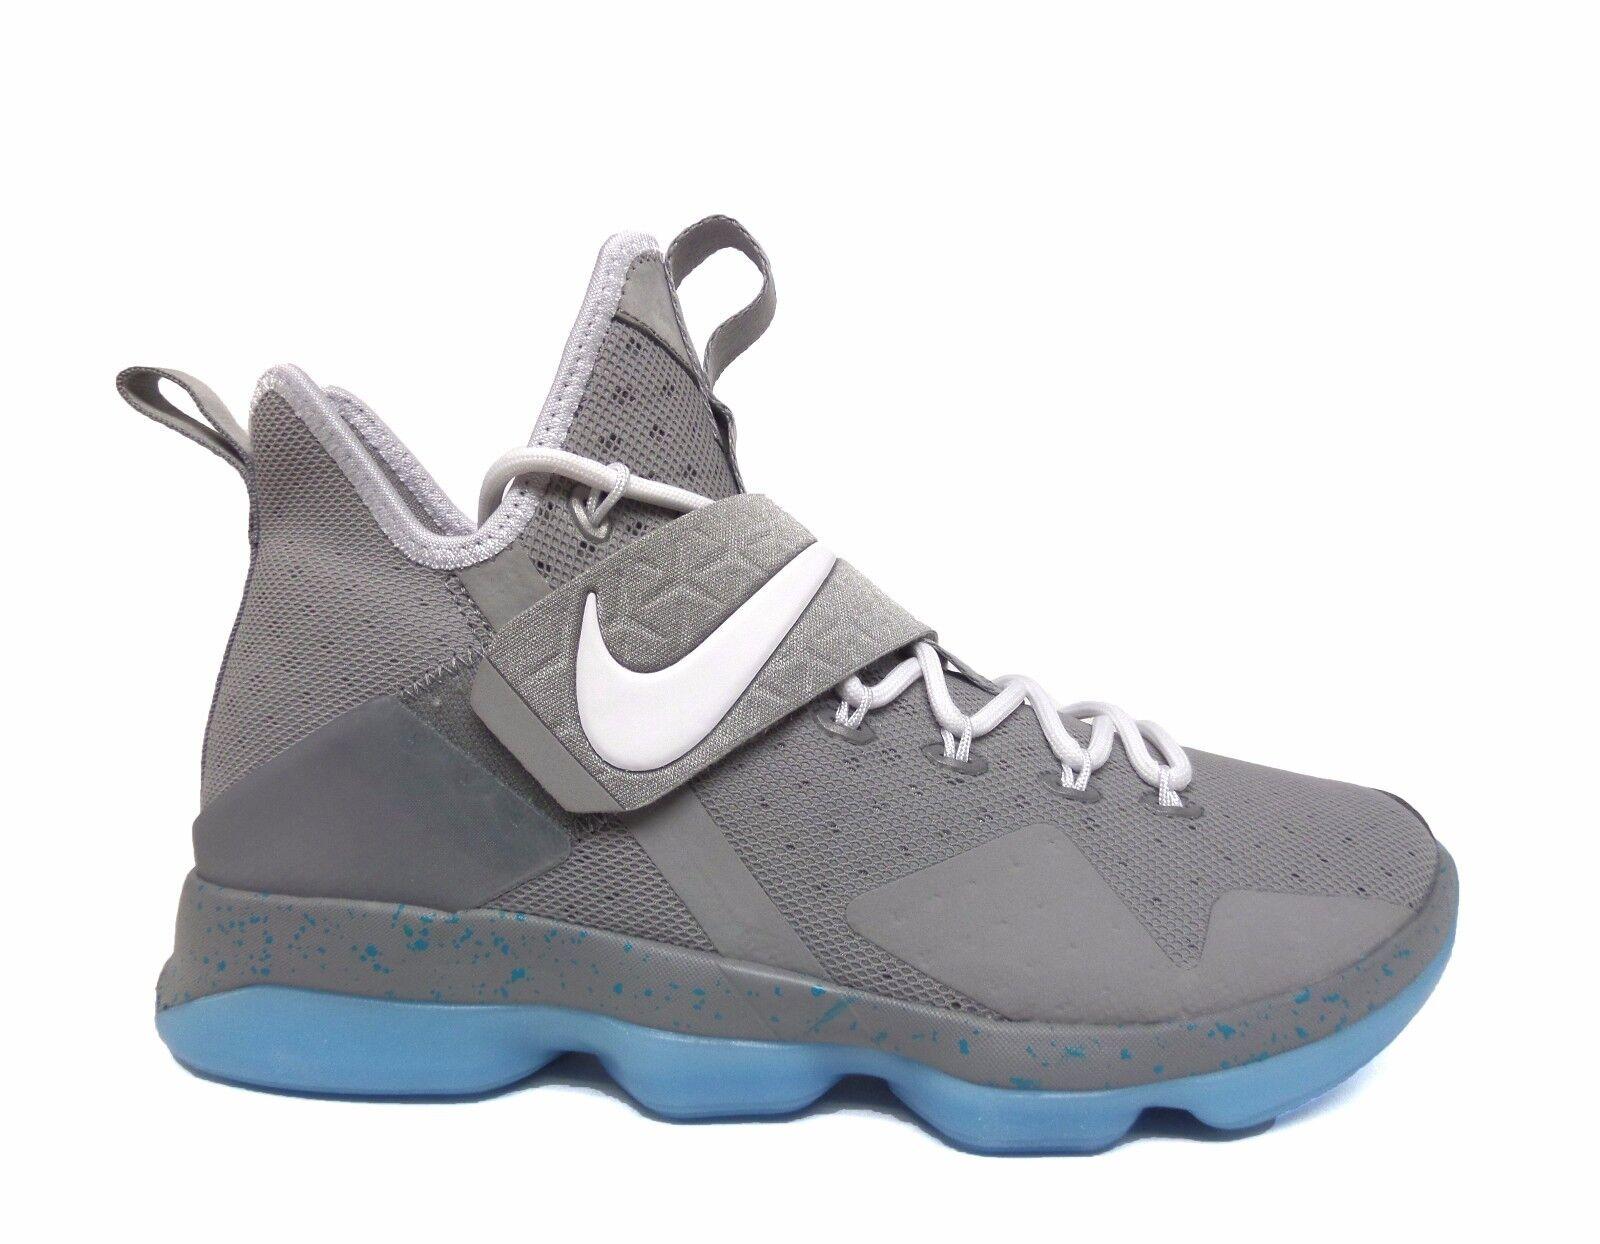 Los hombres zapatos de baloncesto baloncesto baloncesto de nike LeBron XIV plata mate / blanco / Azul 852405-005 B a8d9fd